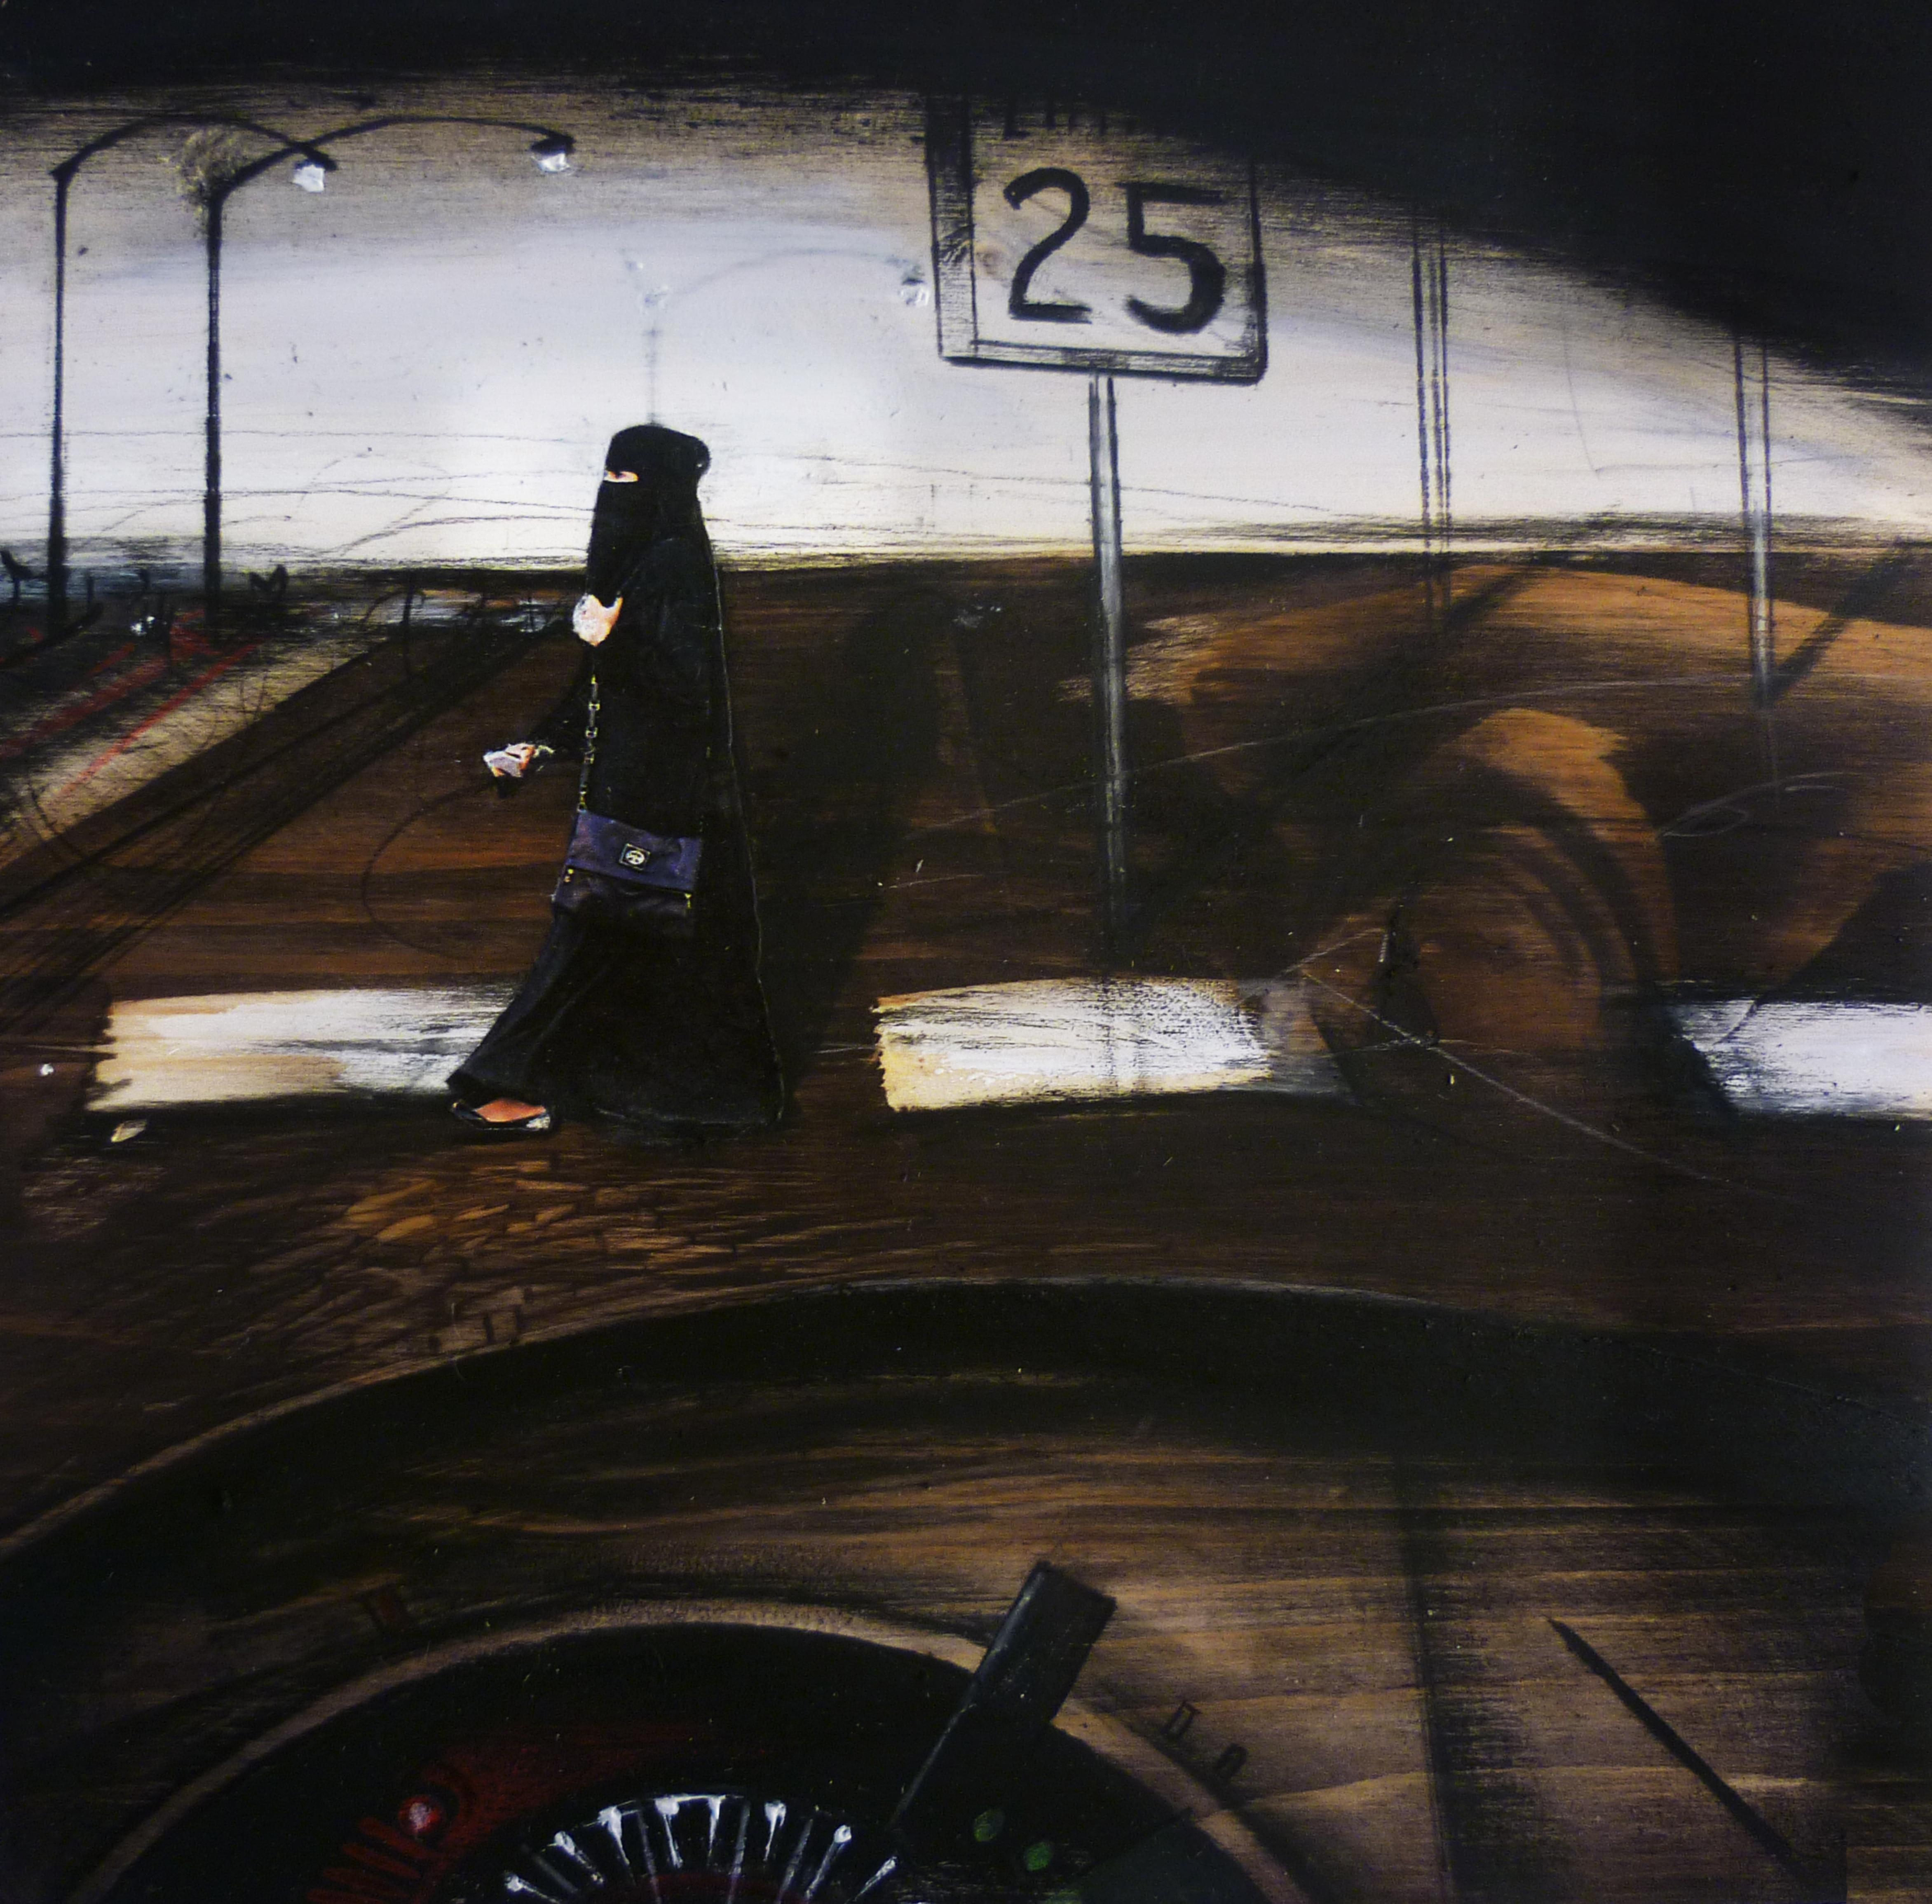 attraversamento n 25 - 2014 - olio e acrilico su tavola cm 18,5 × 18,5